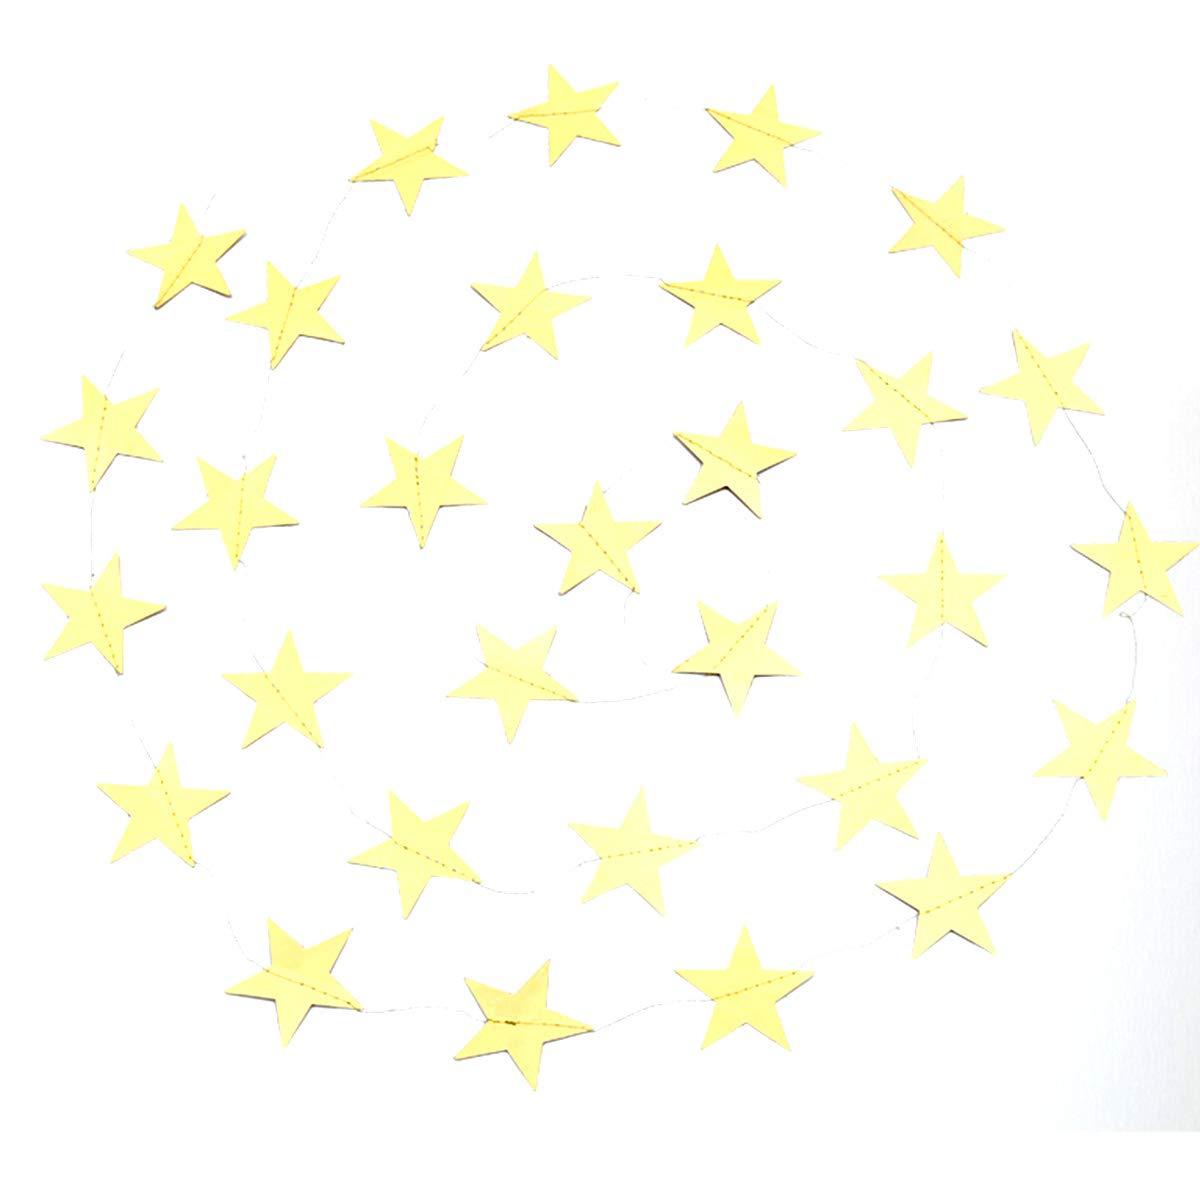 Baby Shower Compleanni Yuccer 4 Pacco Ghirlanda Carta Decorative Glitter Decorazioni Stelle Carta da Appendere per Matrimoni Natale Argento 52 Piedi